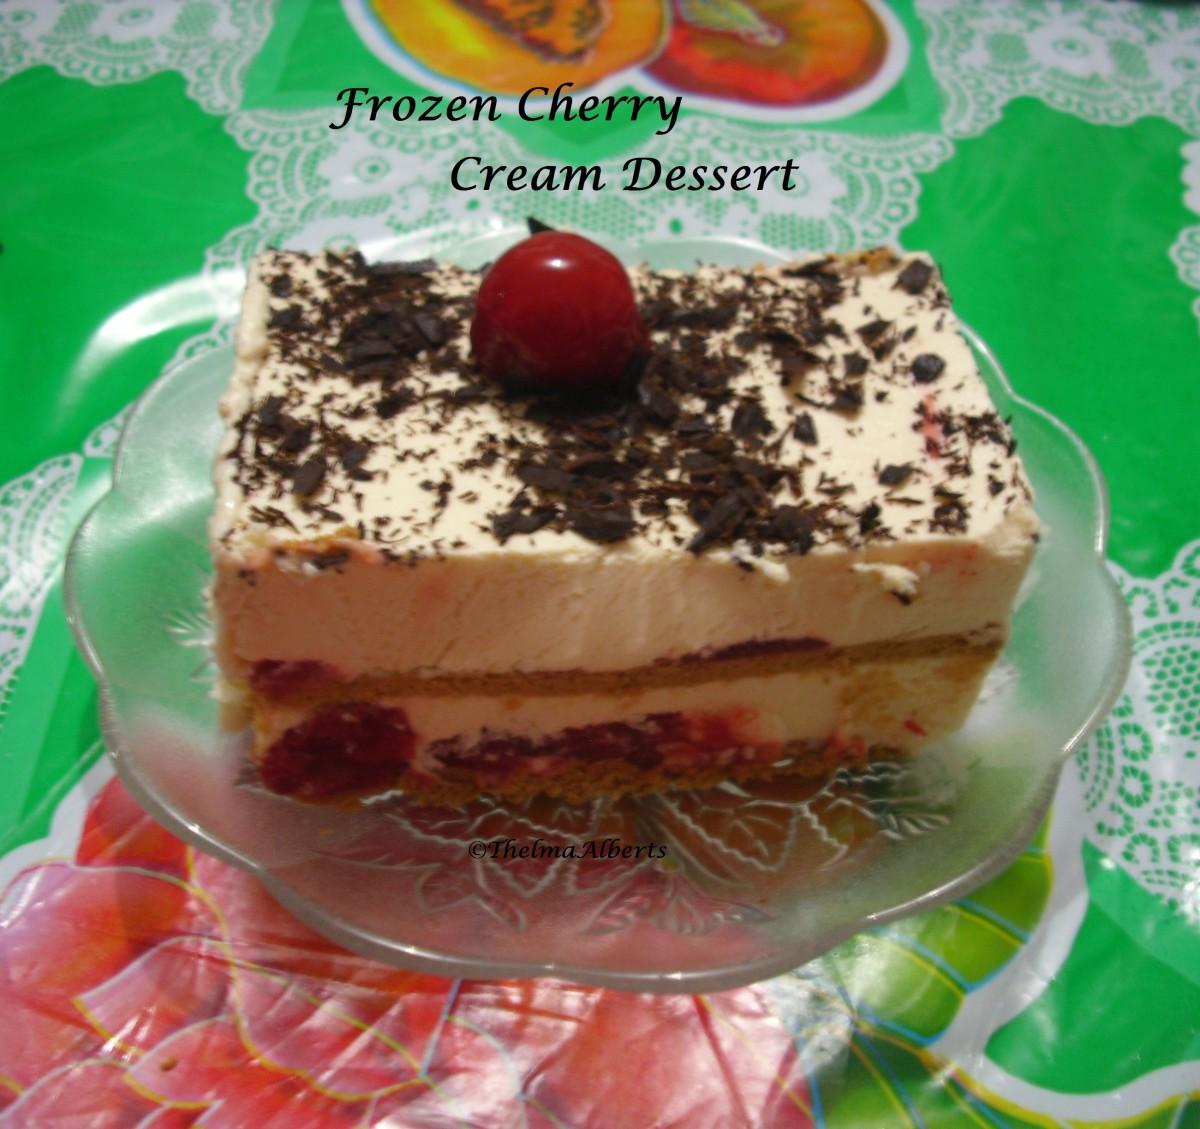 Frozen Cherry Cream Dessert Recipe